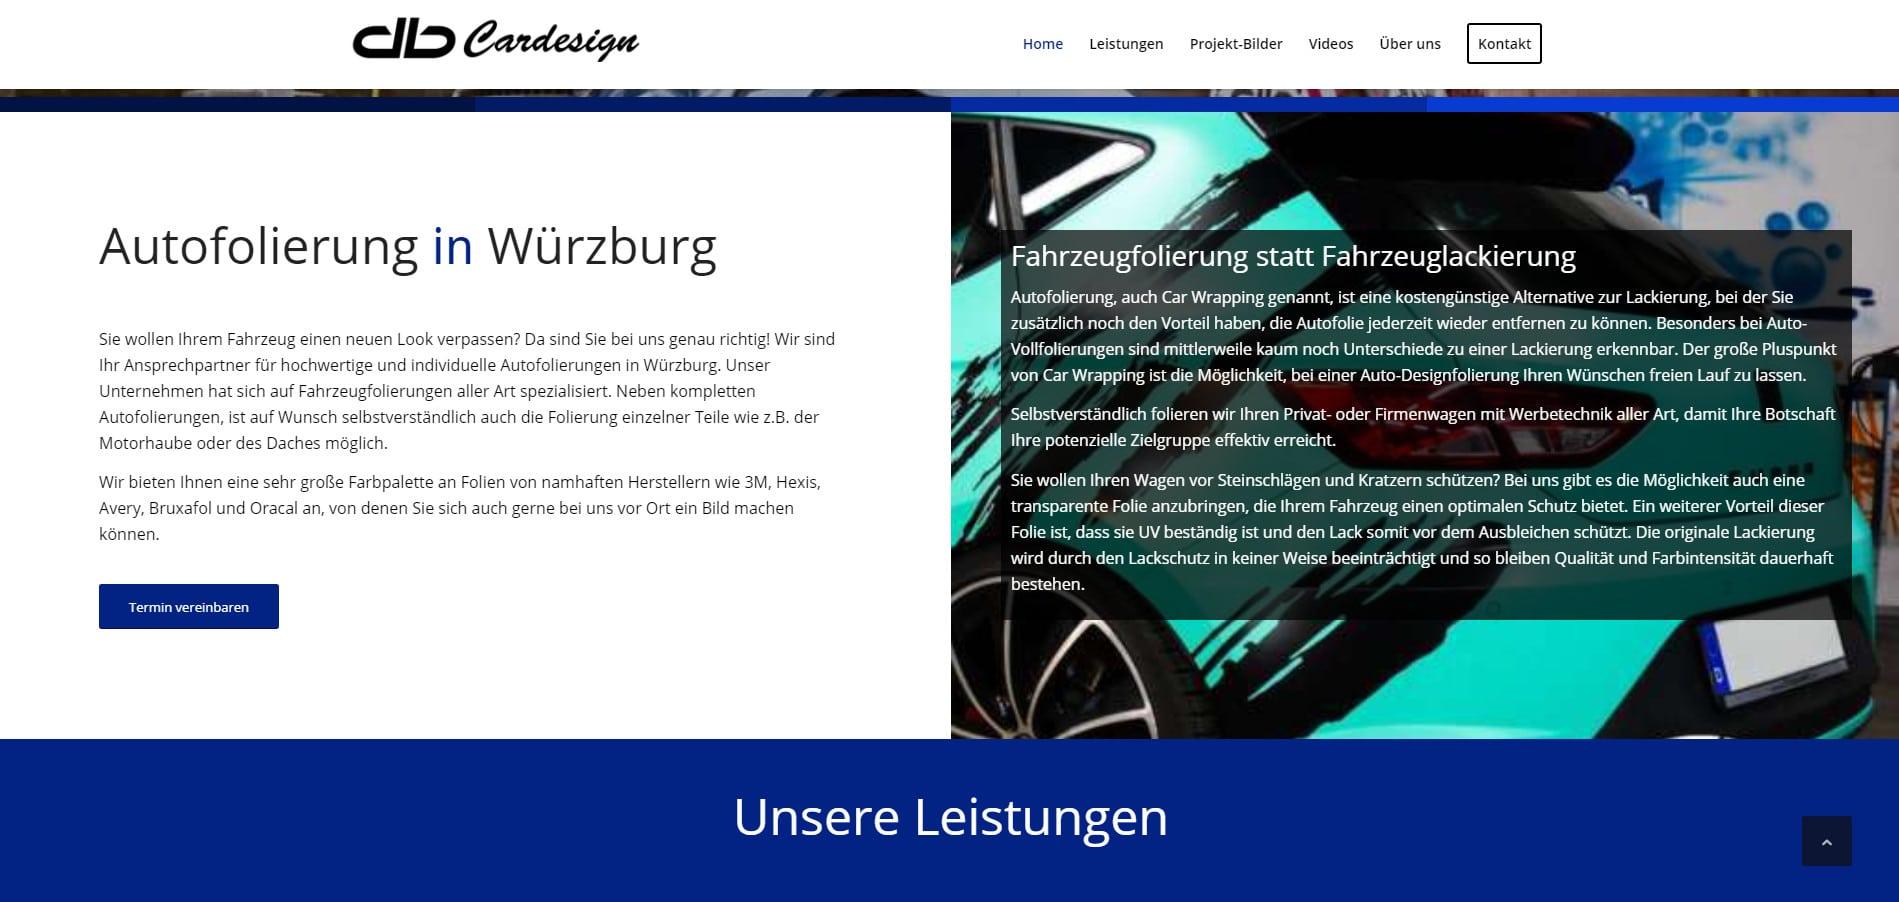 WordPress Website Erstellung db Cardesign